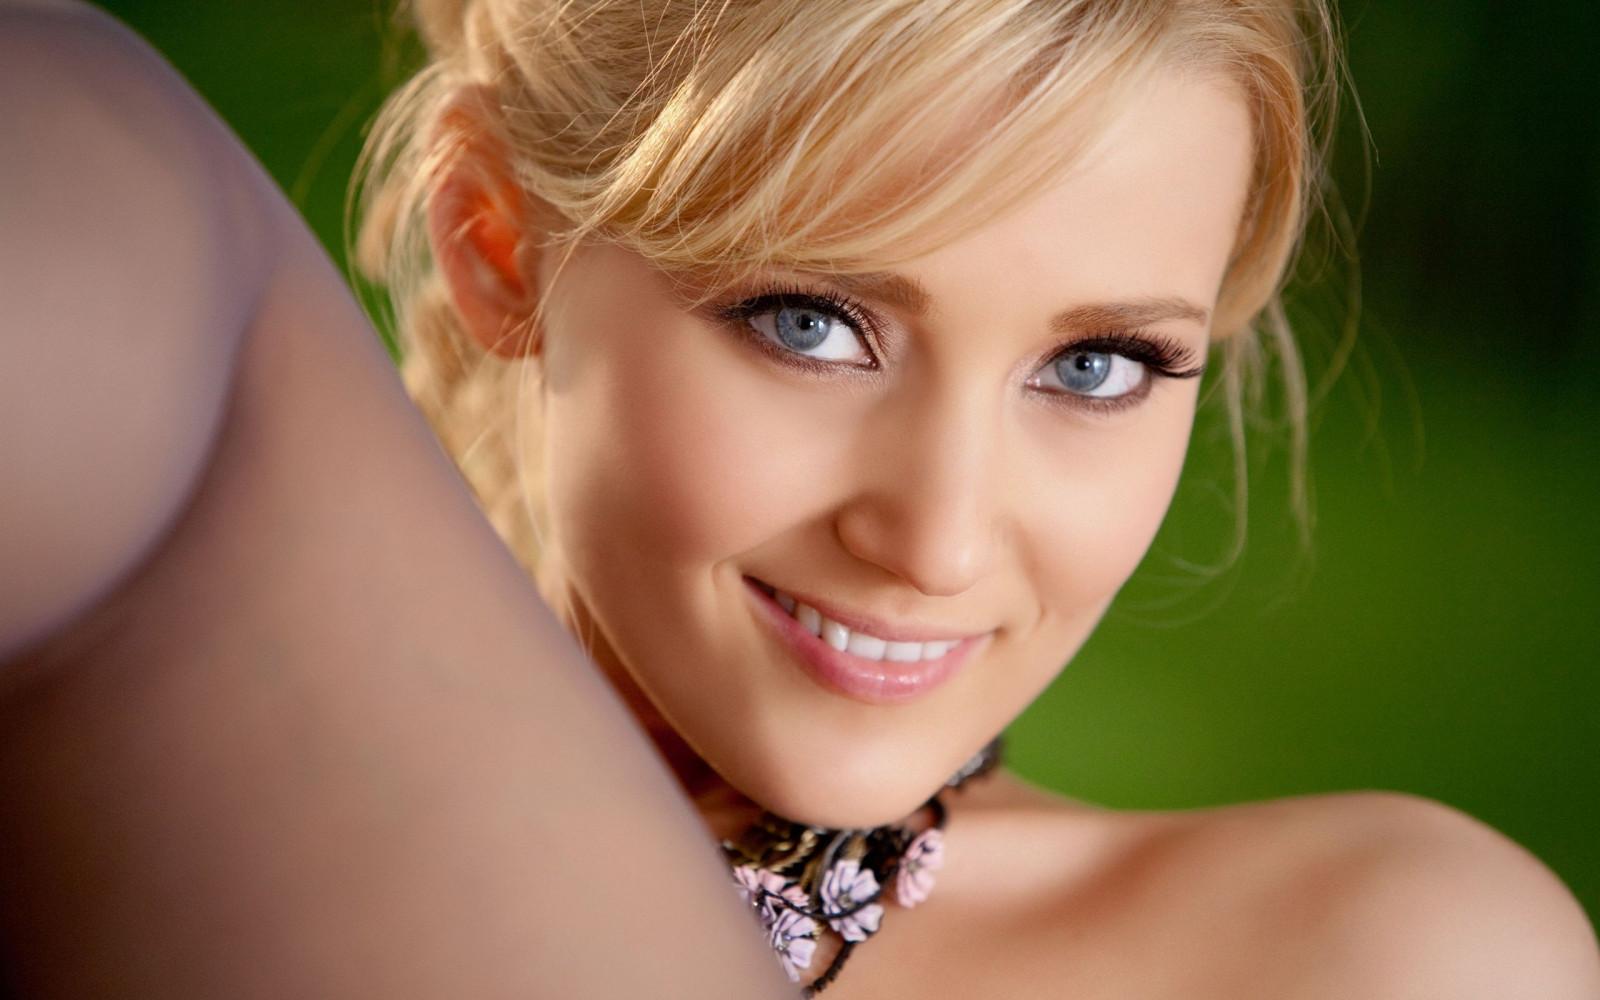 Секс на вечеринке с горячей блондинкой порно фото бесплатно